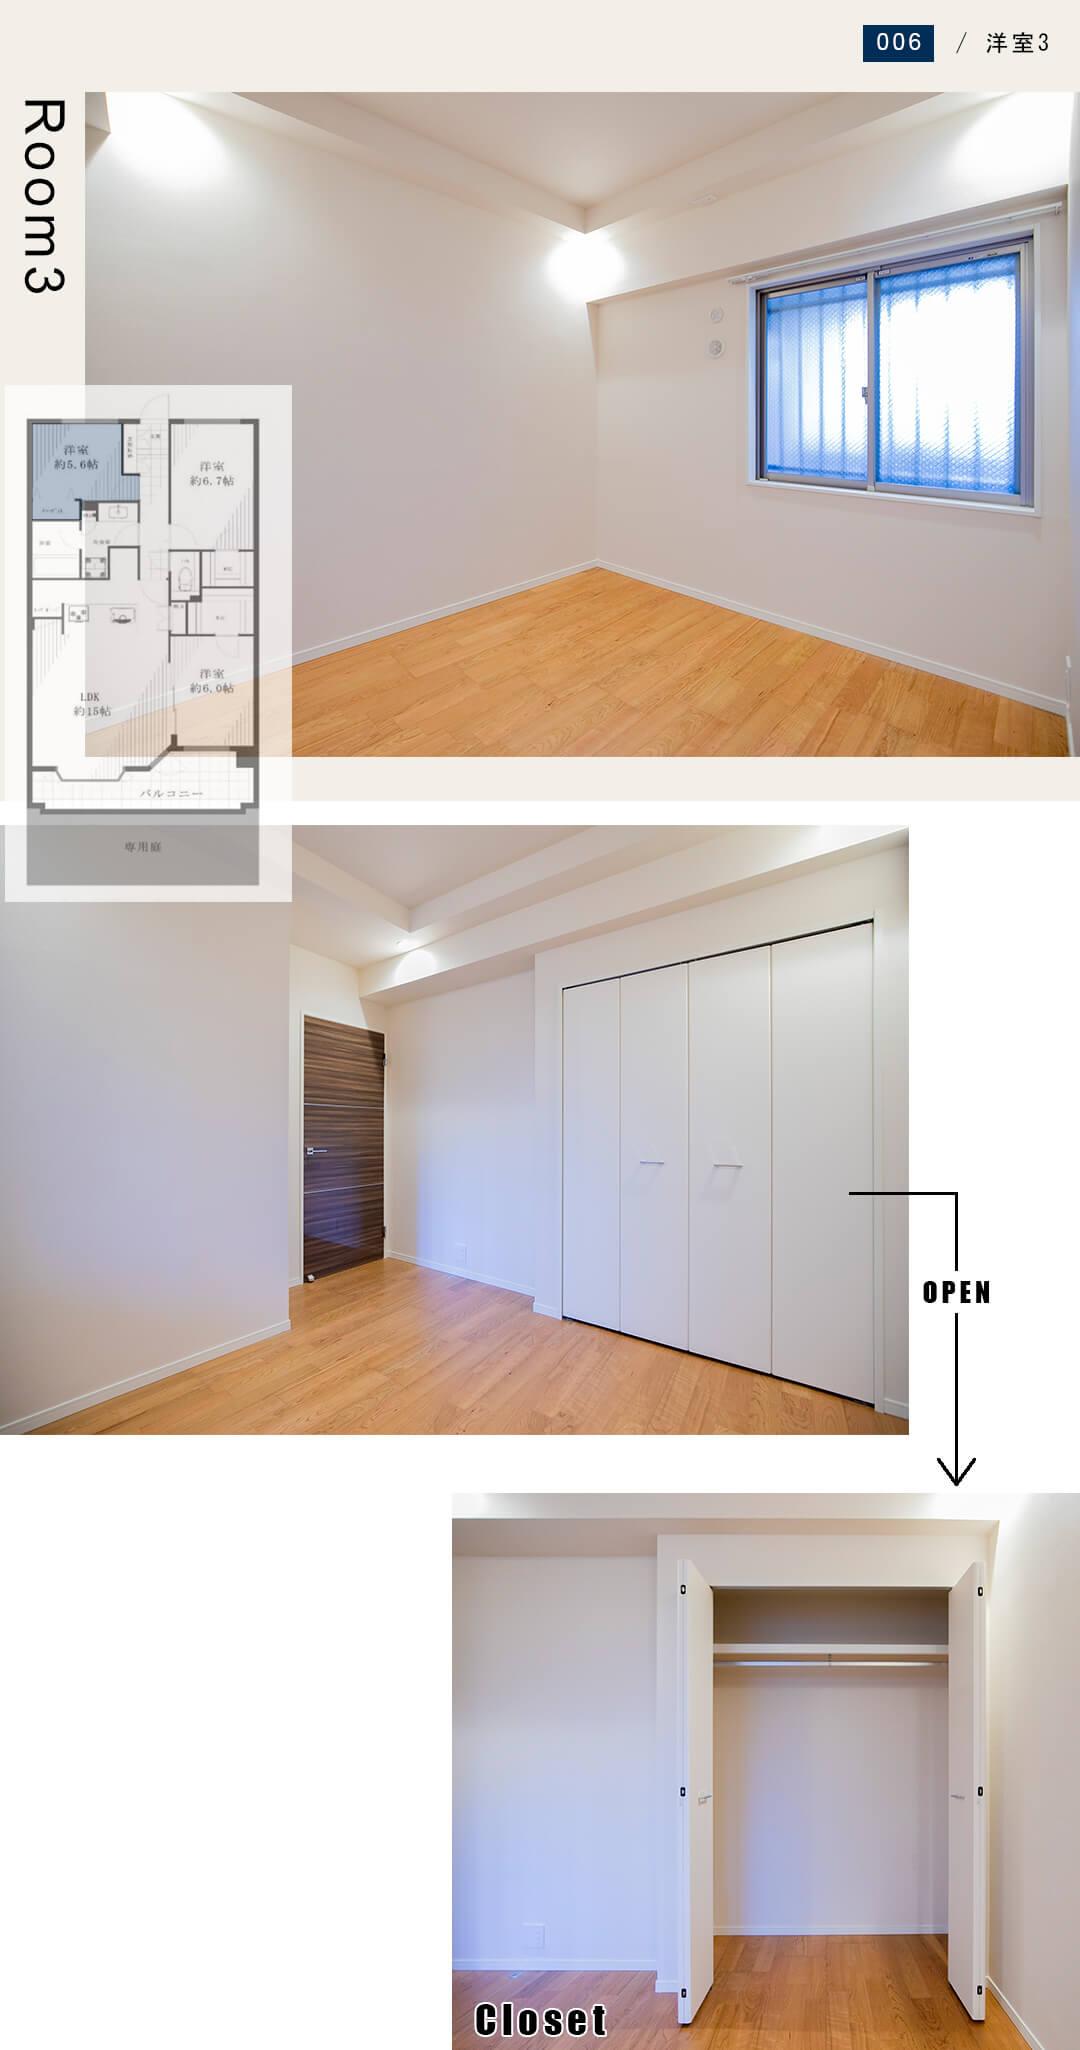 グランヴェール恵比寿の洋室